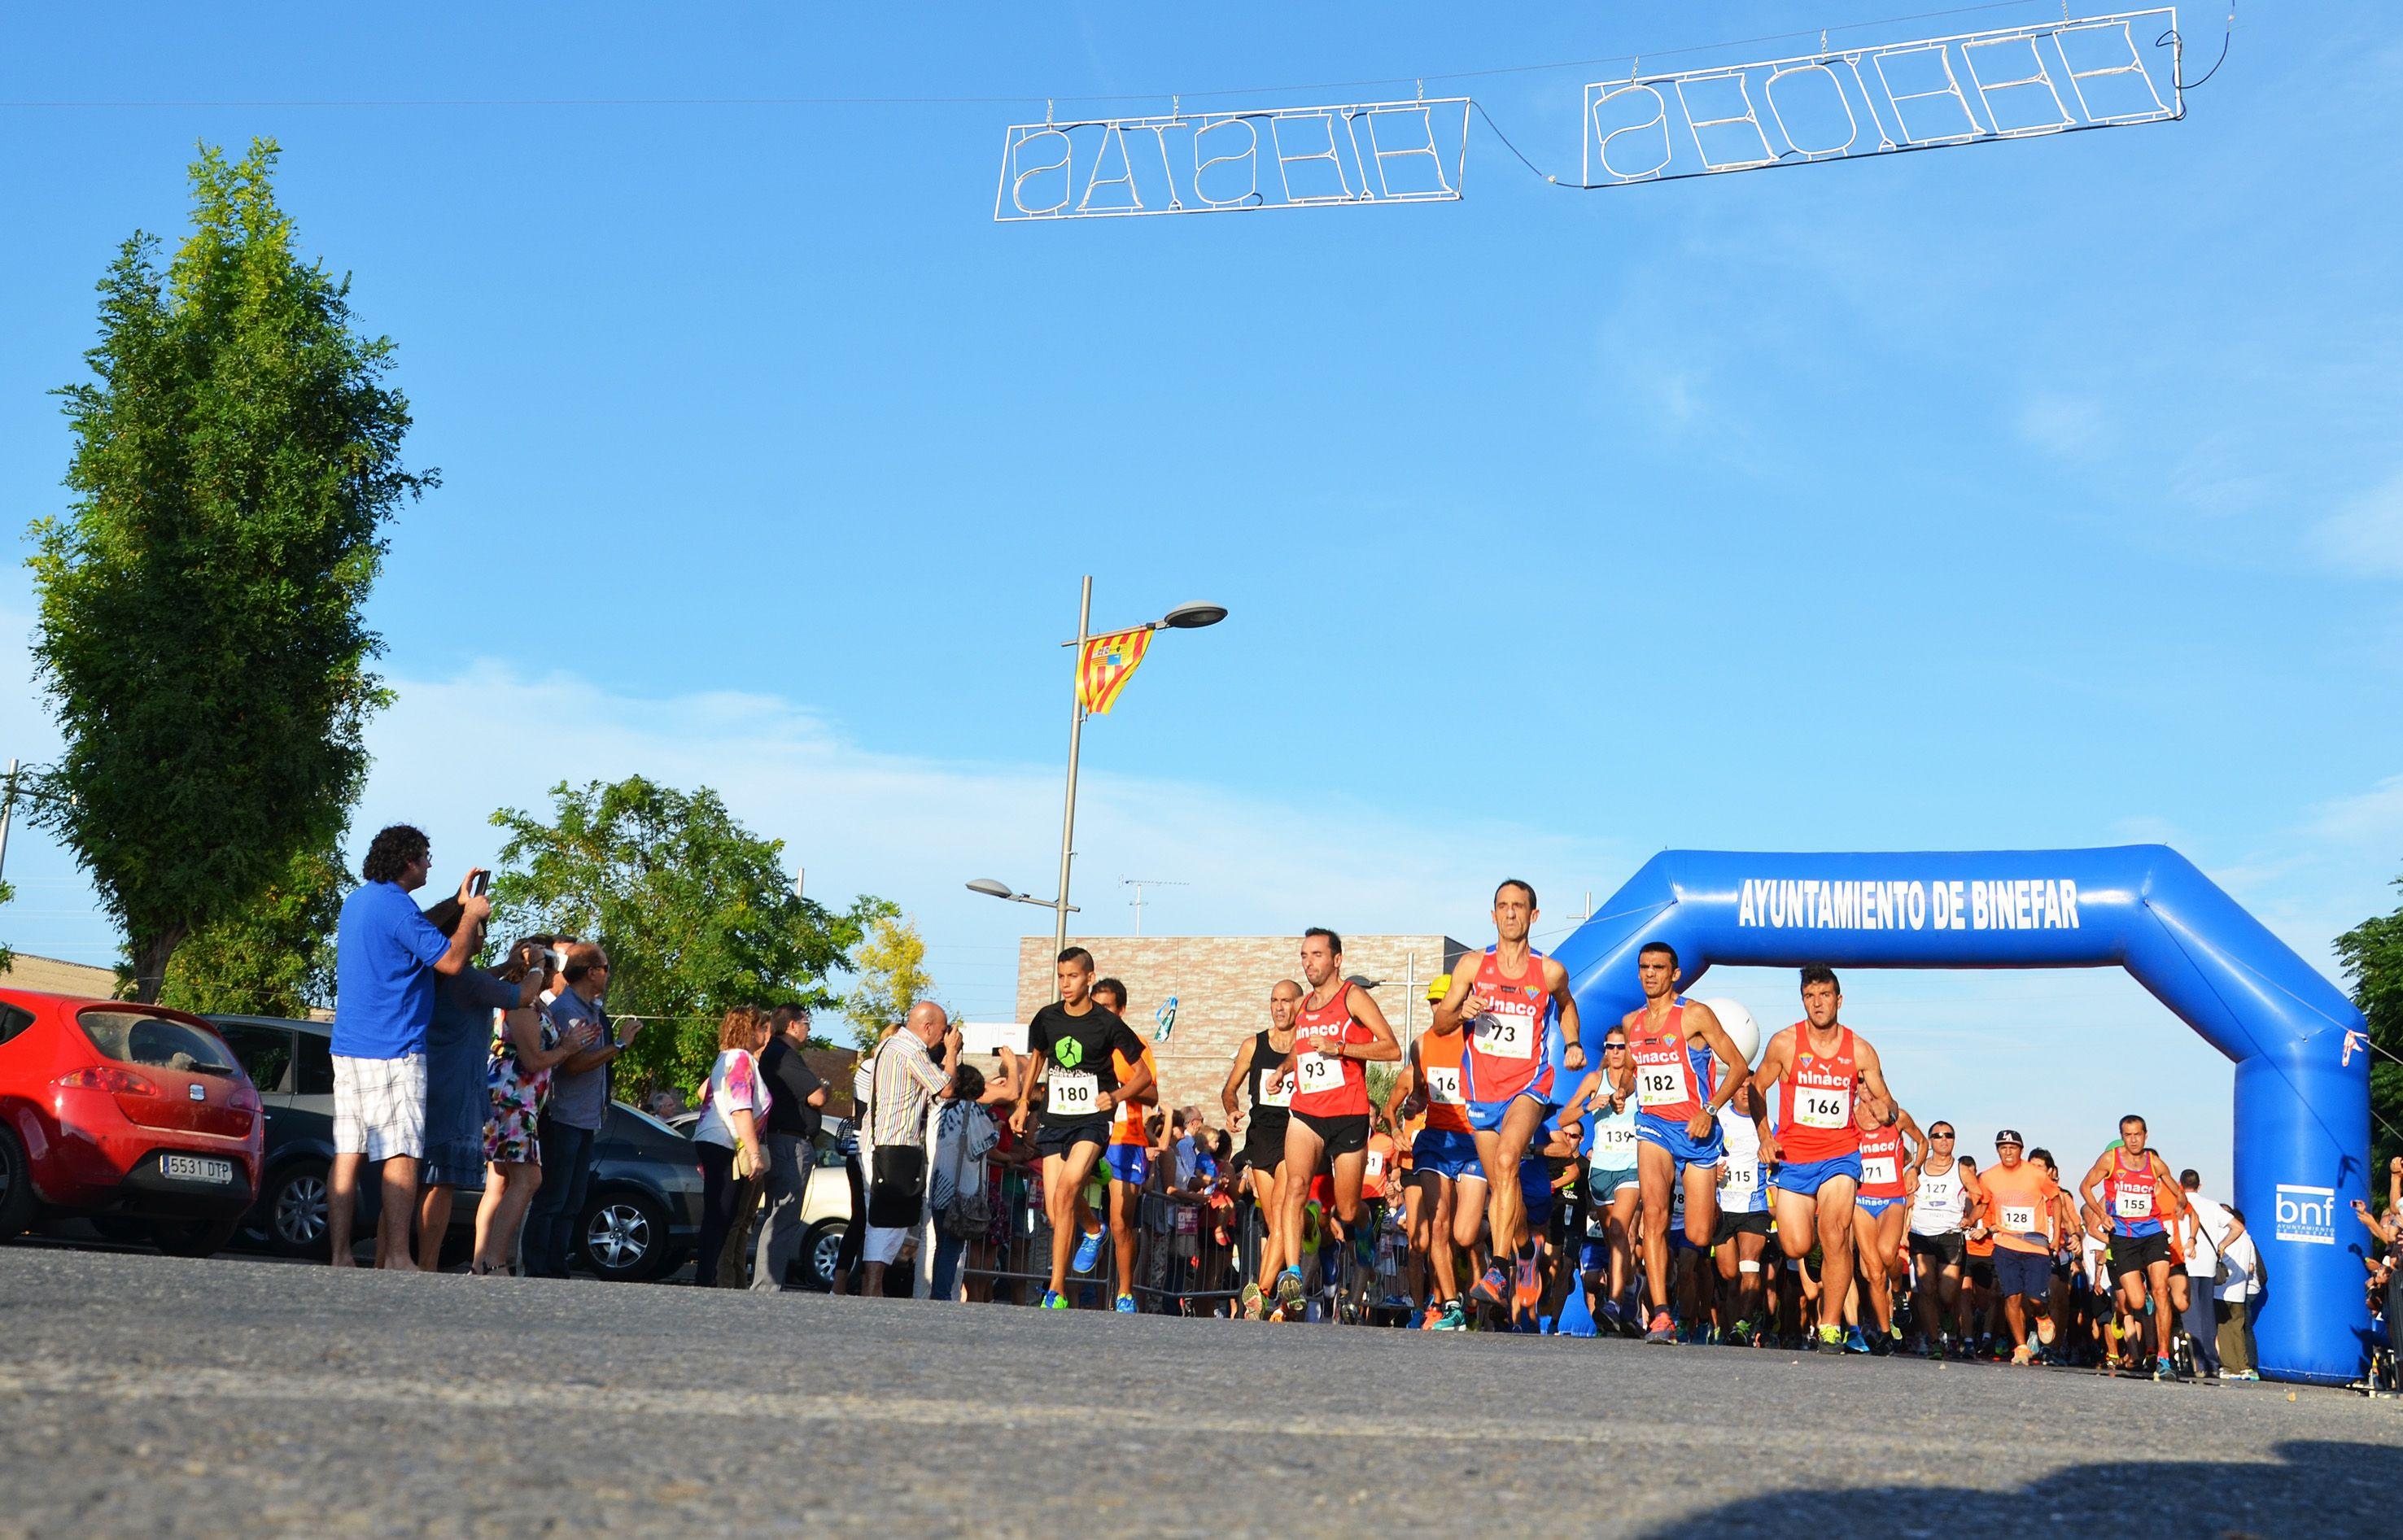 Carlos Oriach y Nuria Sierra, los mejores en la I Carrera 10 km de Binéfar